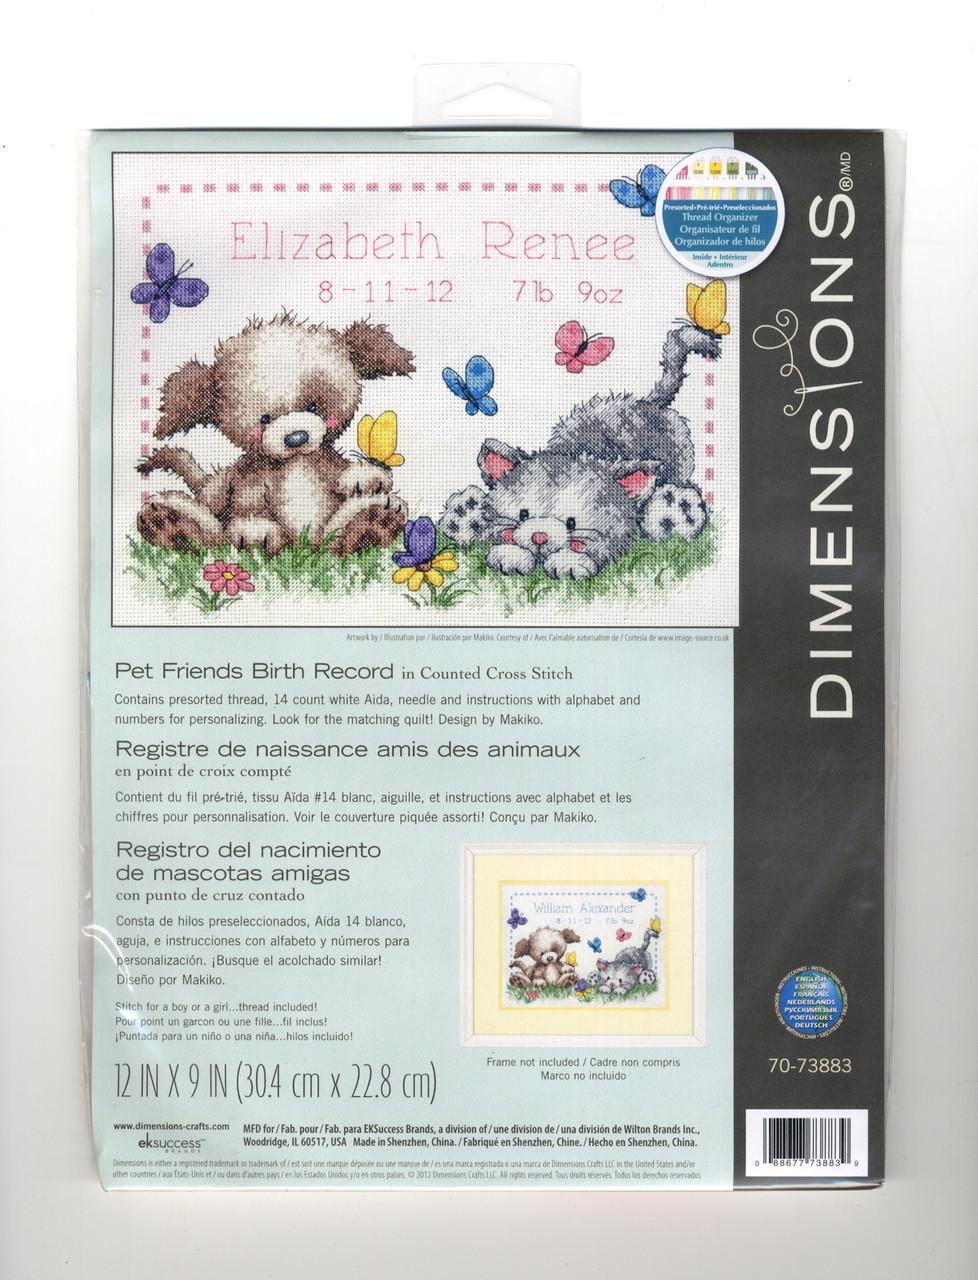 Dimensions - Pet Friends Birth Record